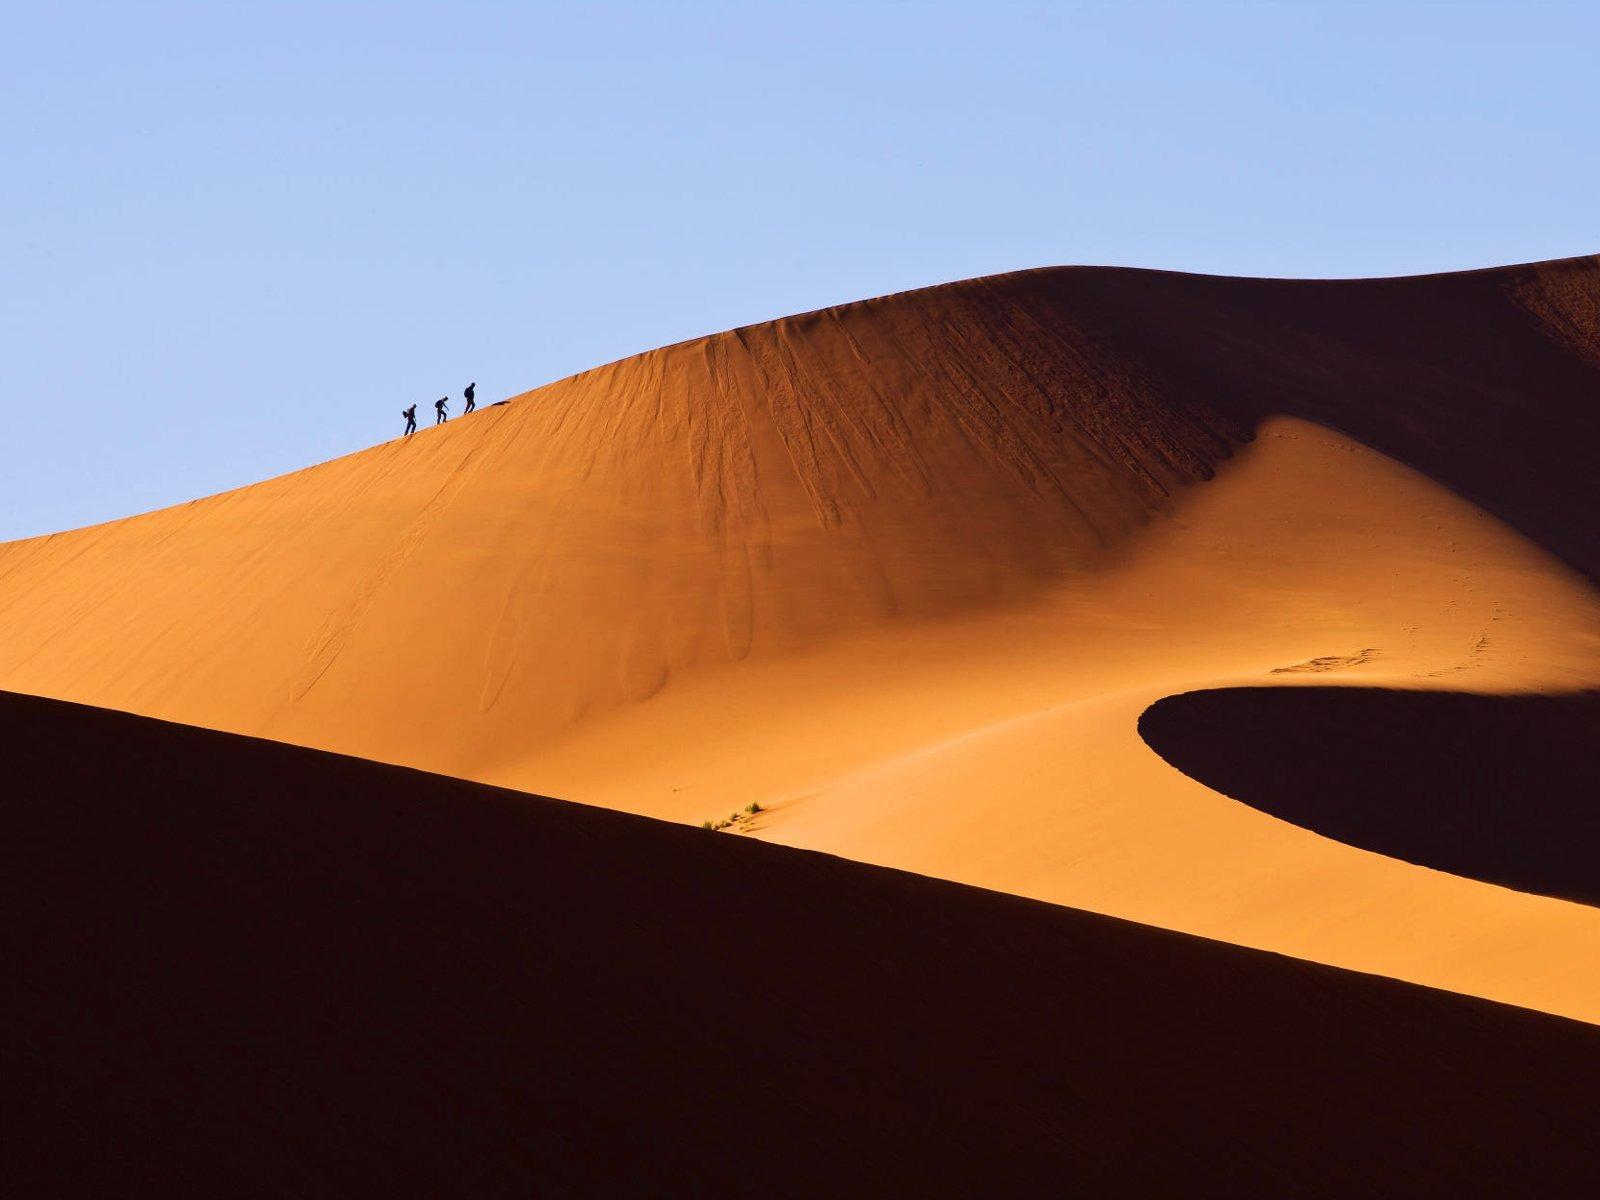 ナミブ砂漠の画像 p1_16